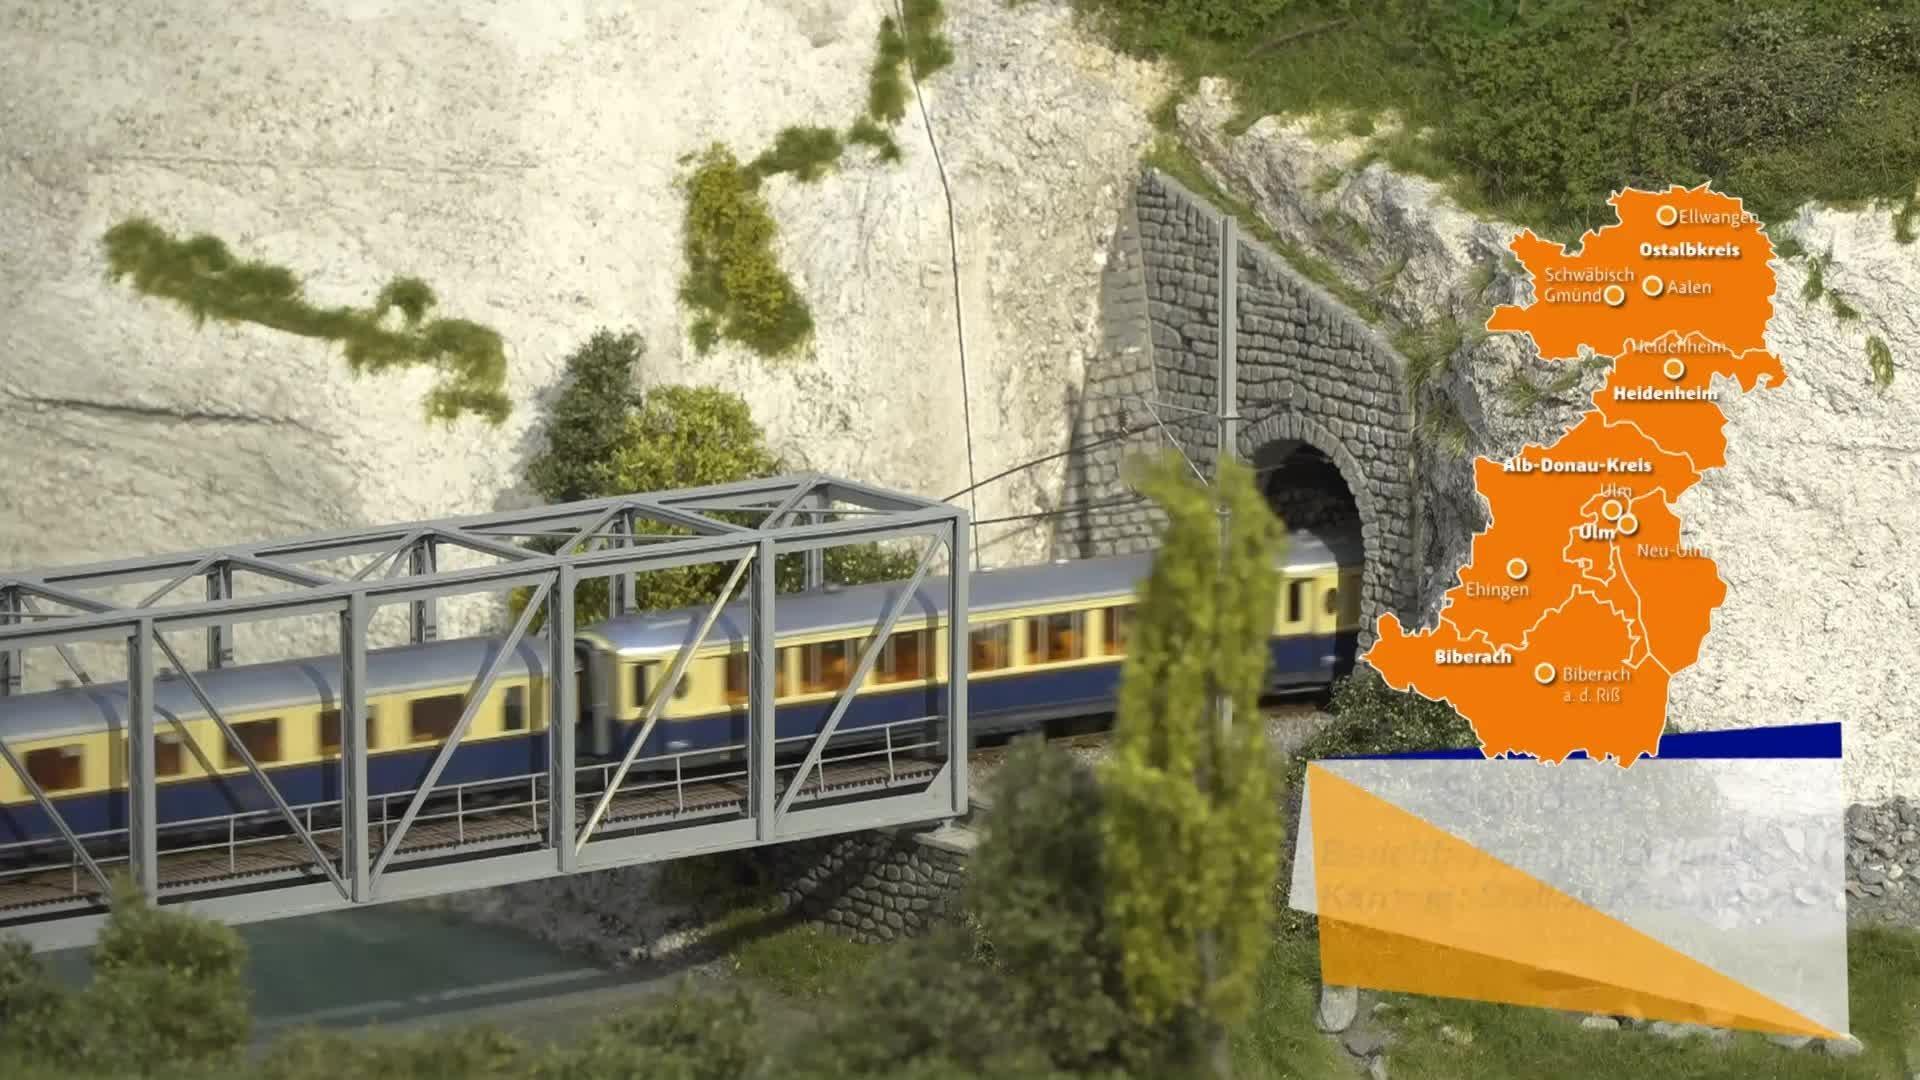 Modellbahnausstellung Bei Inhofer